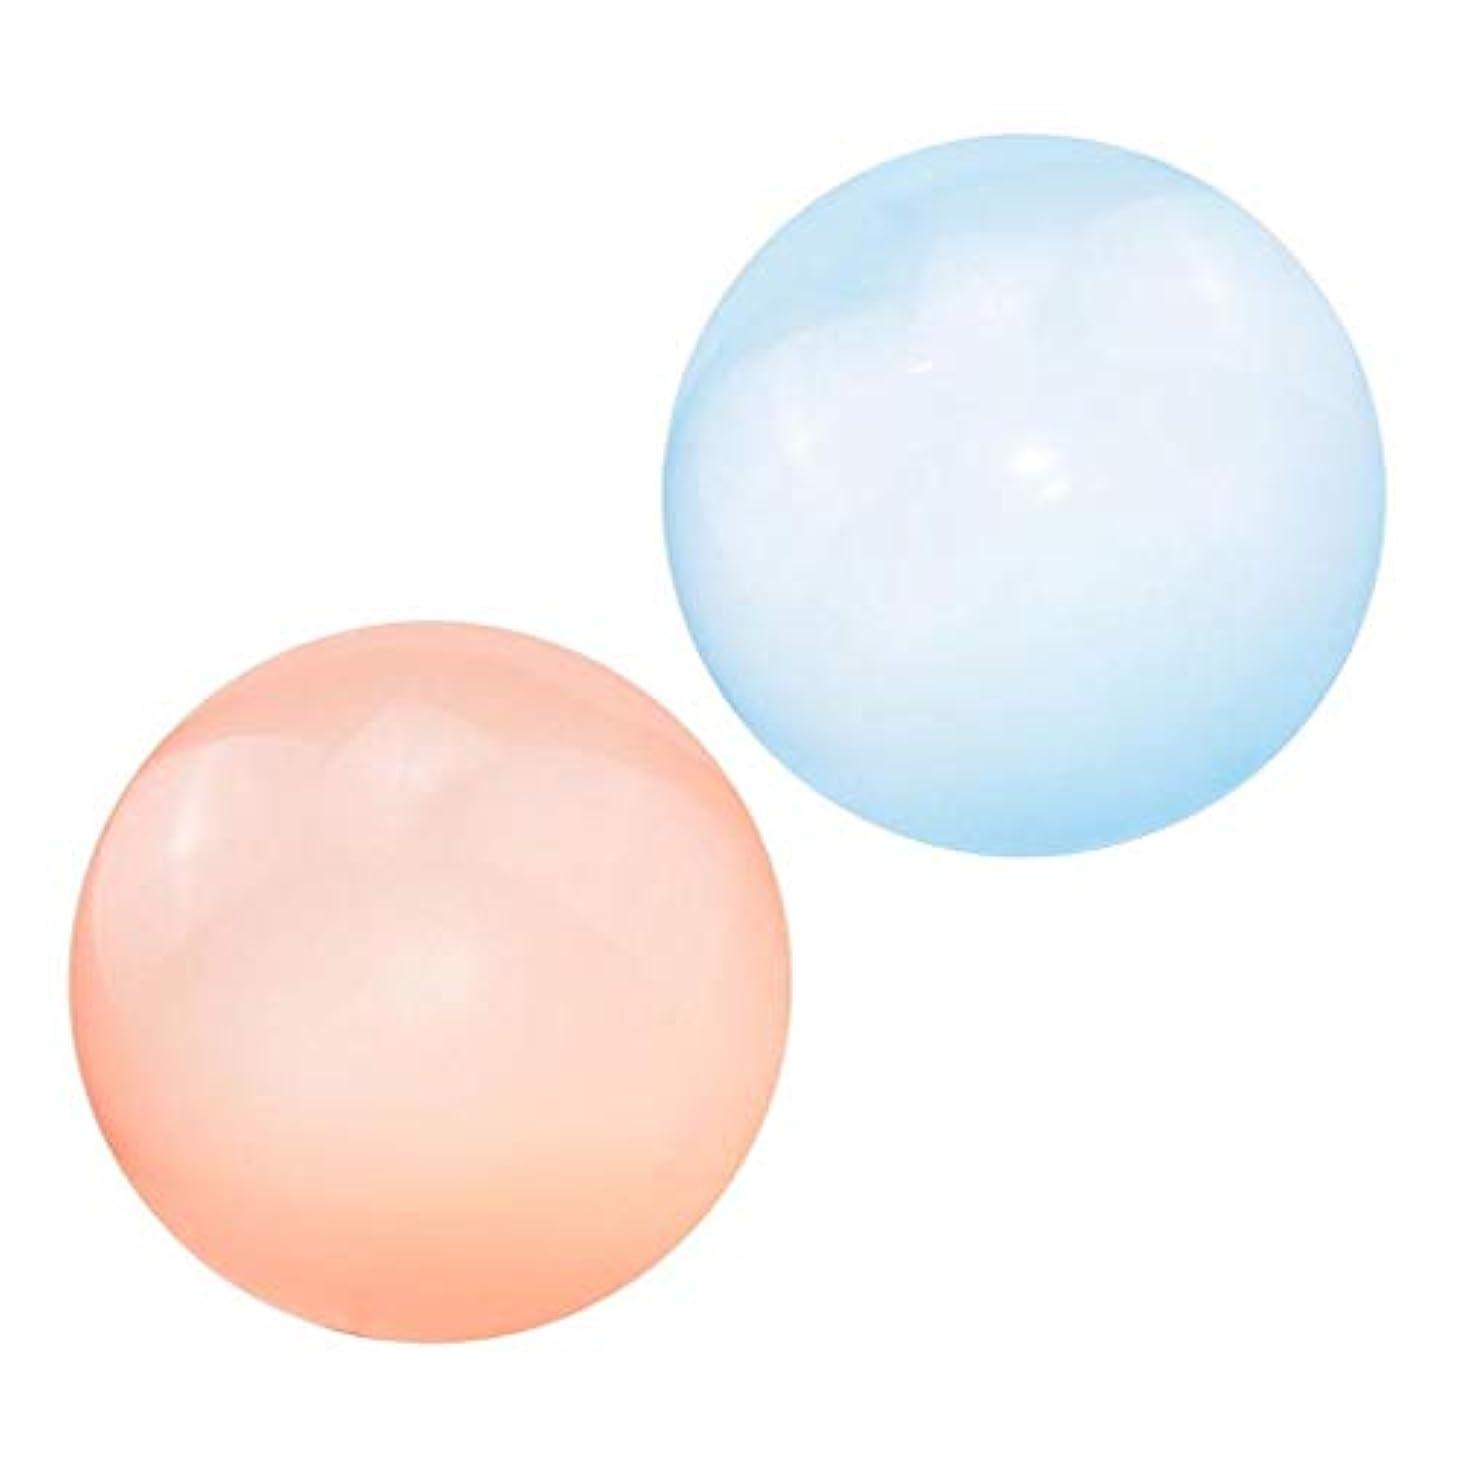 所持泥沼港#N/A バブルボール 特大 高弾性 インフレー タブルボール おもちゃ ビーチボール 子供 パーティー風船 2個